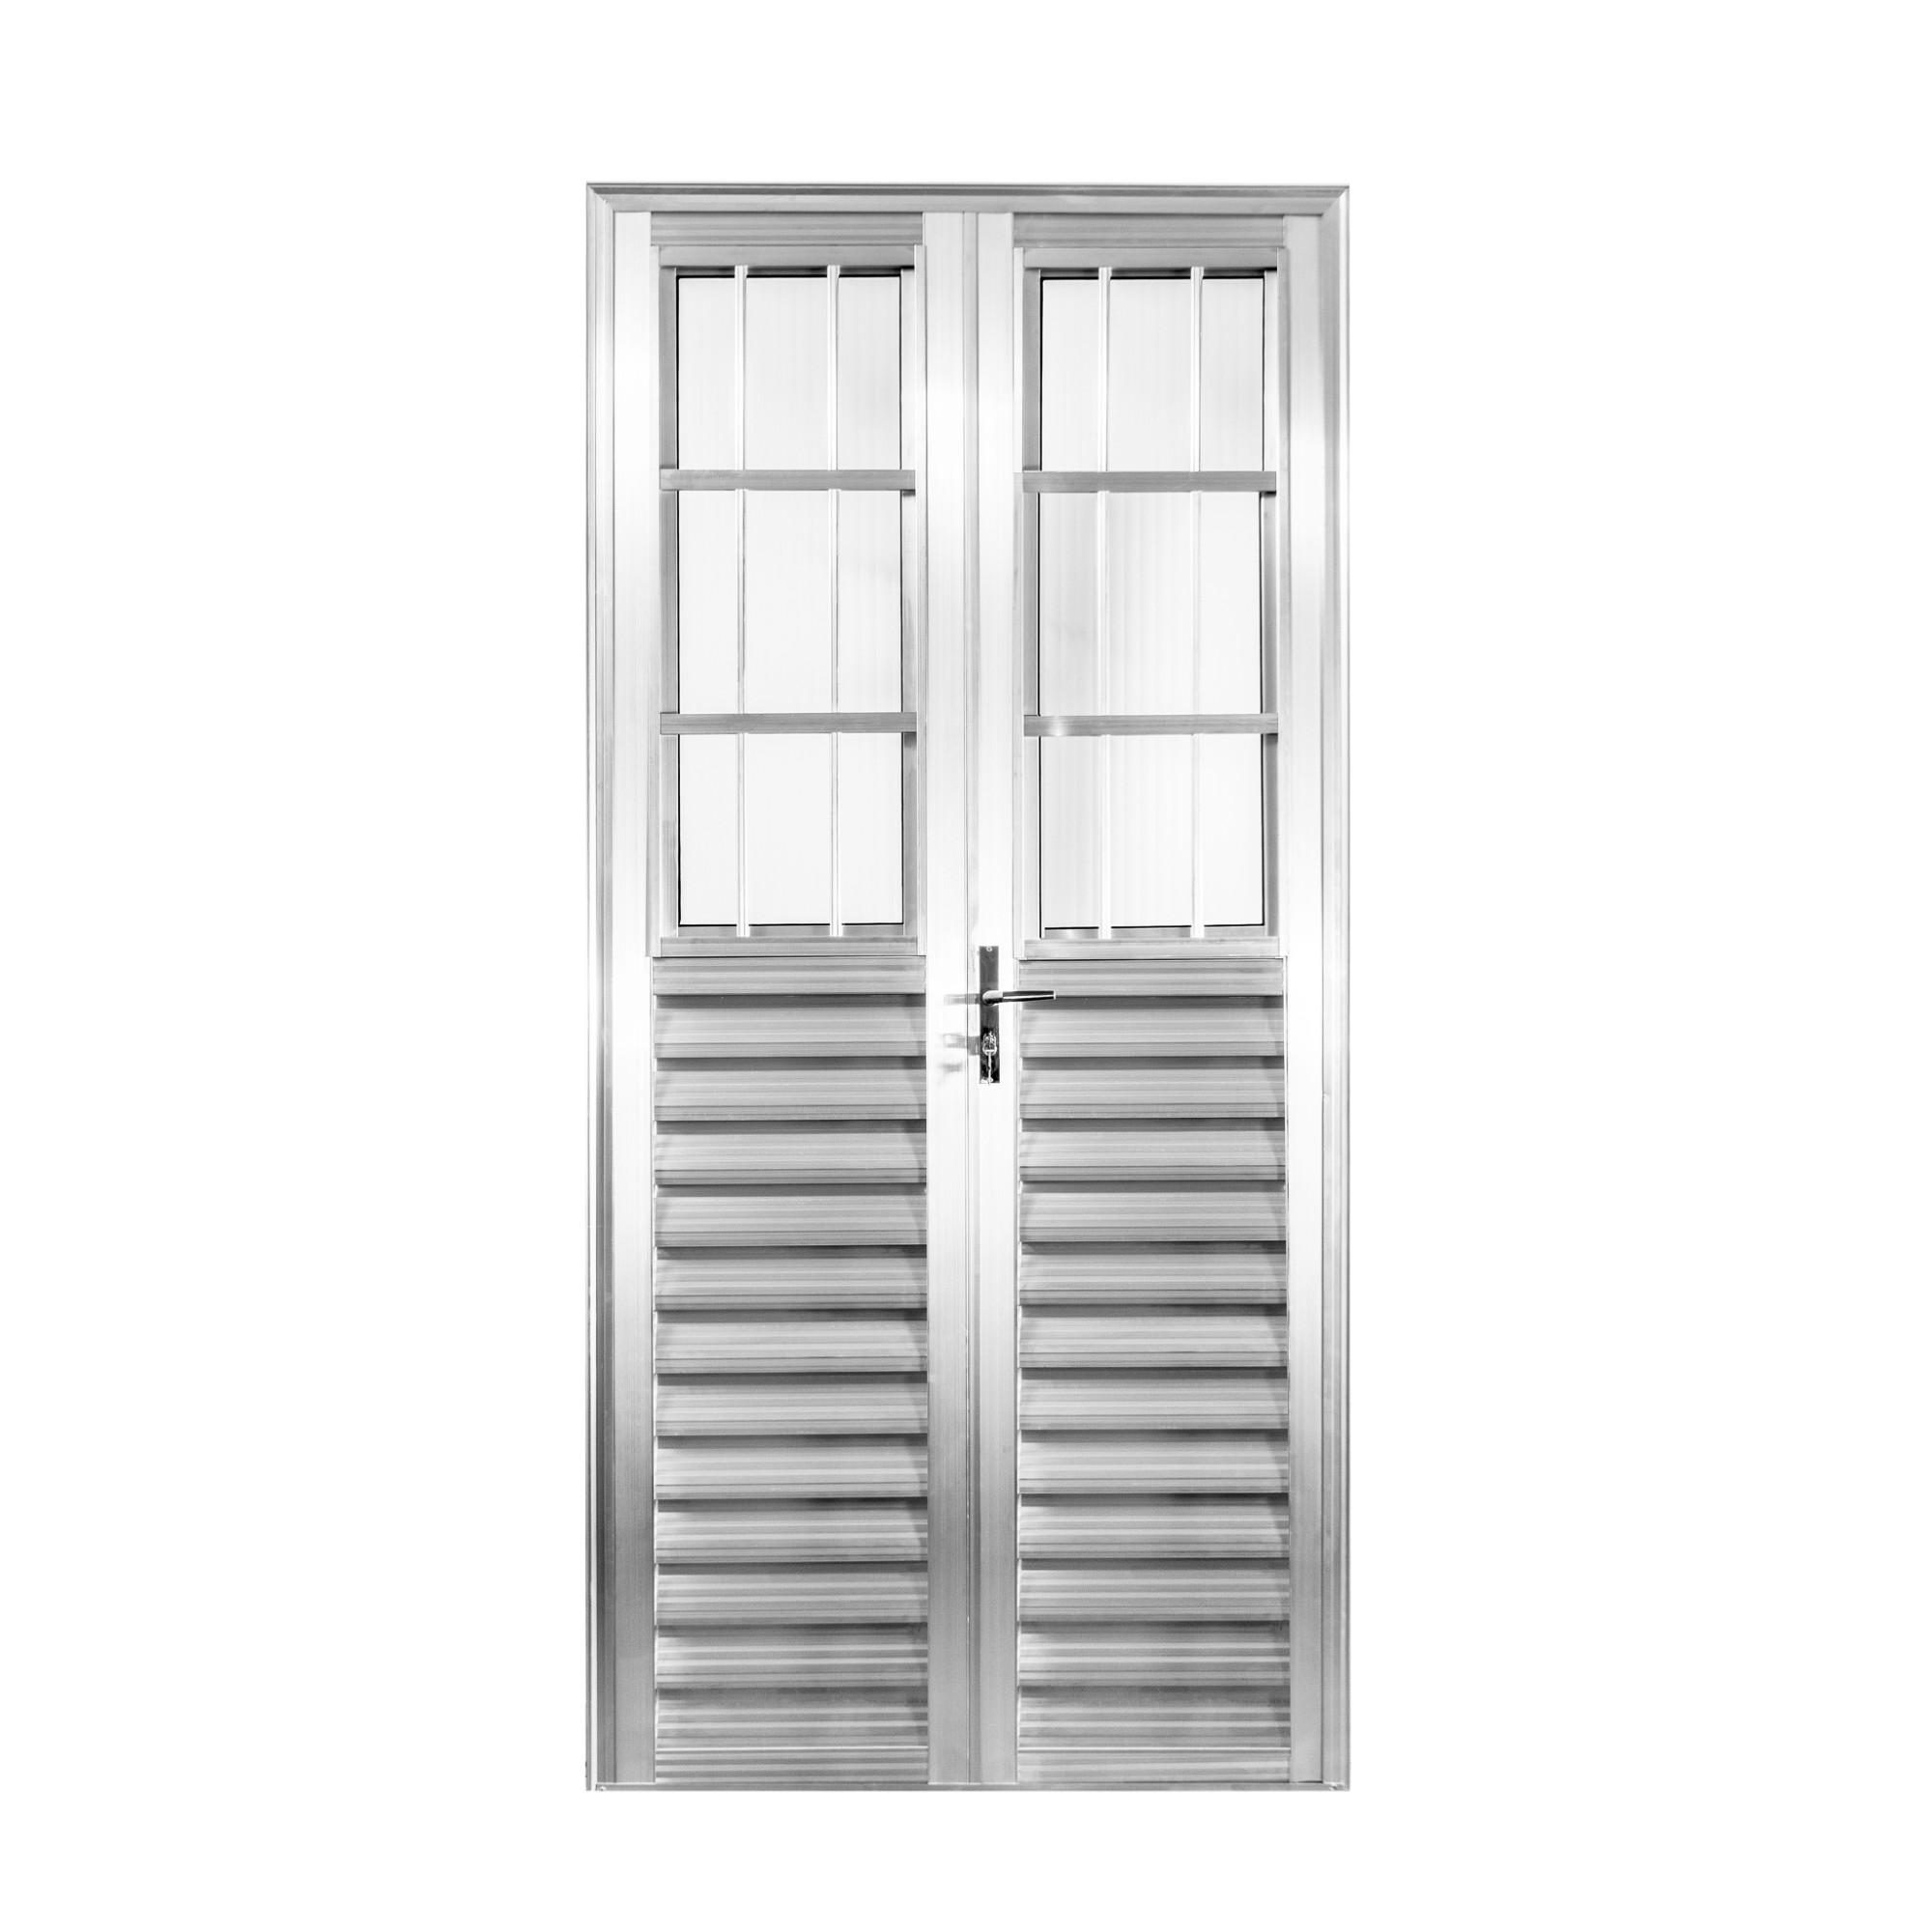 Porta de Abrir de Aluminio 2 Folhas 210cm x 100cm Postigo Lado Direito - Aluvid